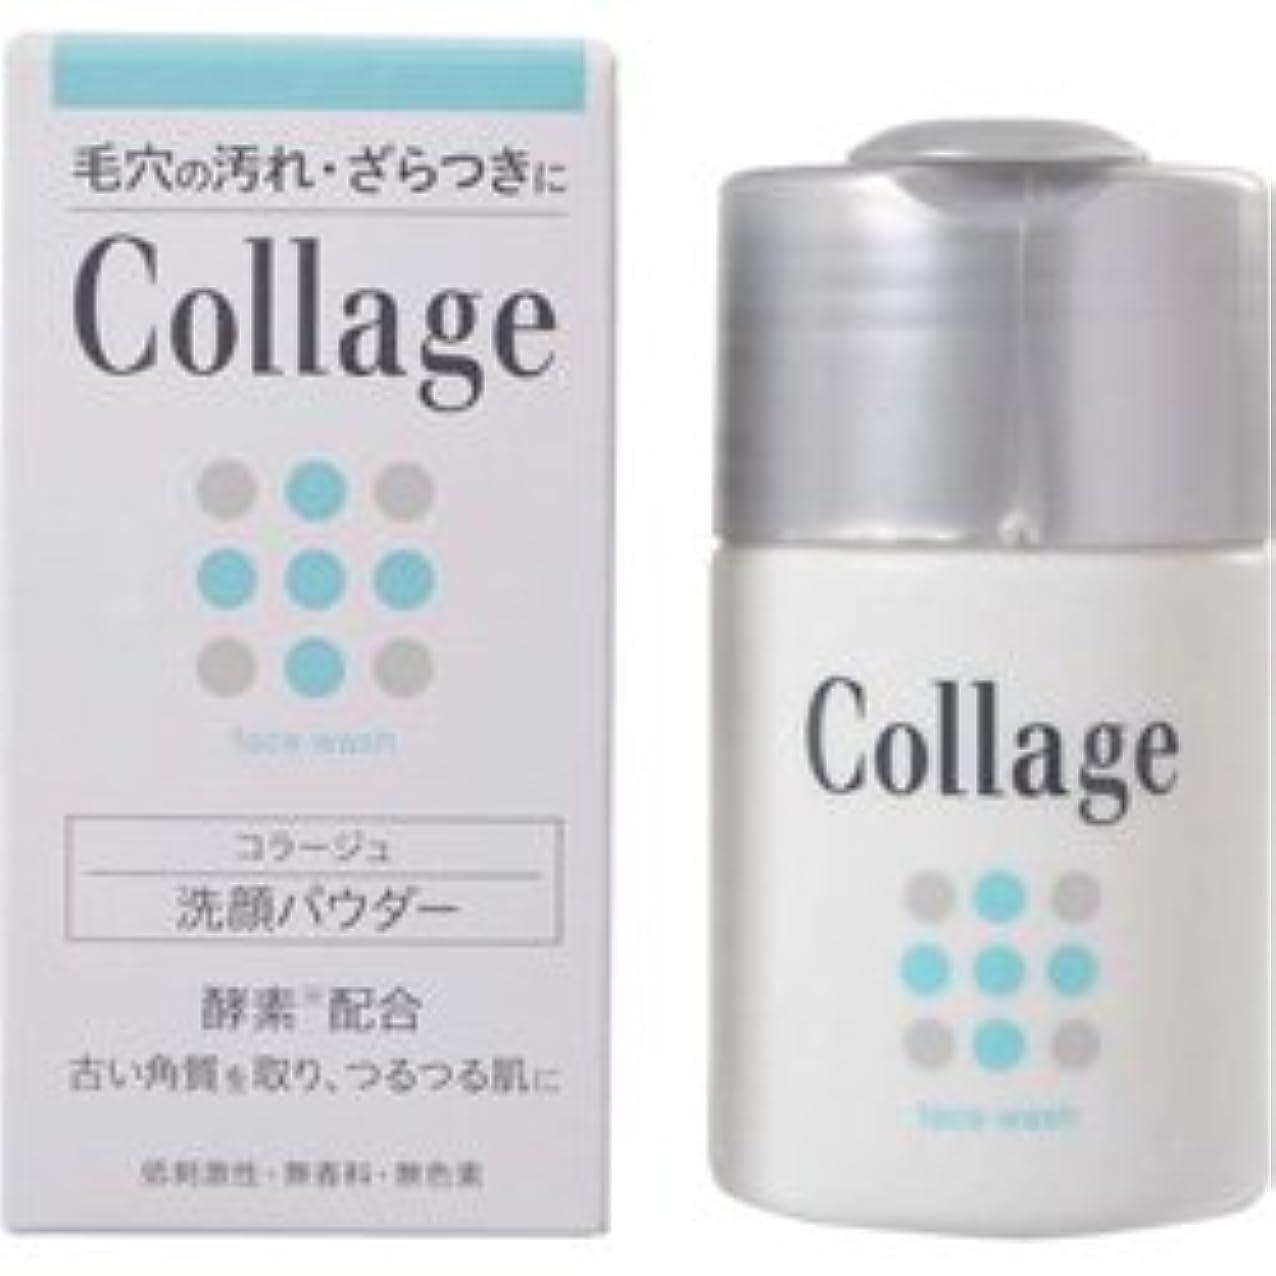 予測するナプキン可能【持田ヘルスケア】 コラージュ洗顔パウダー 40g ×5個セット